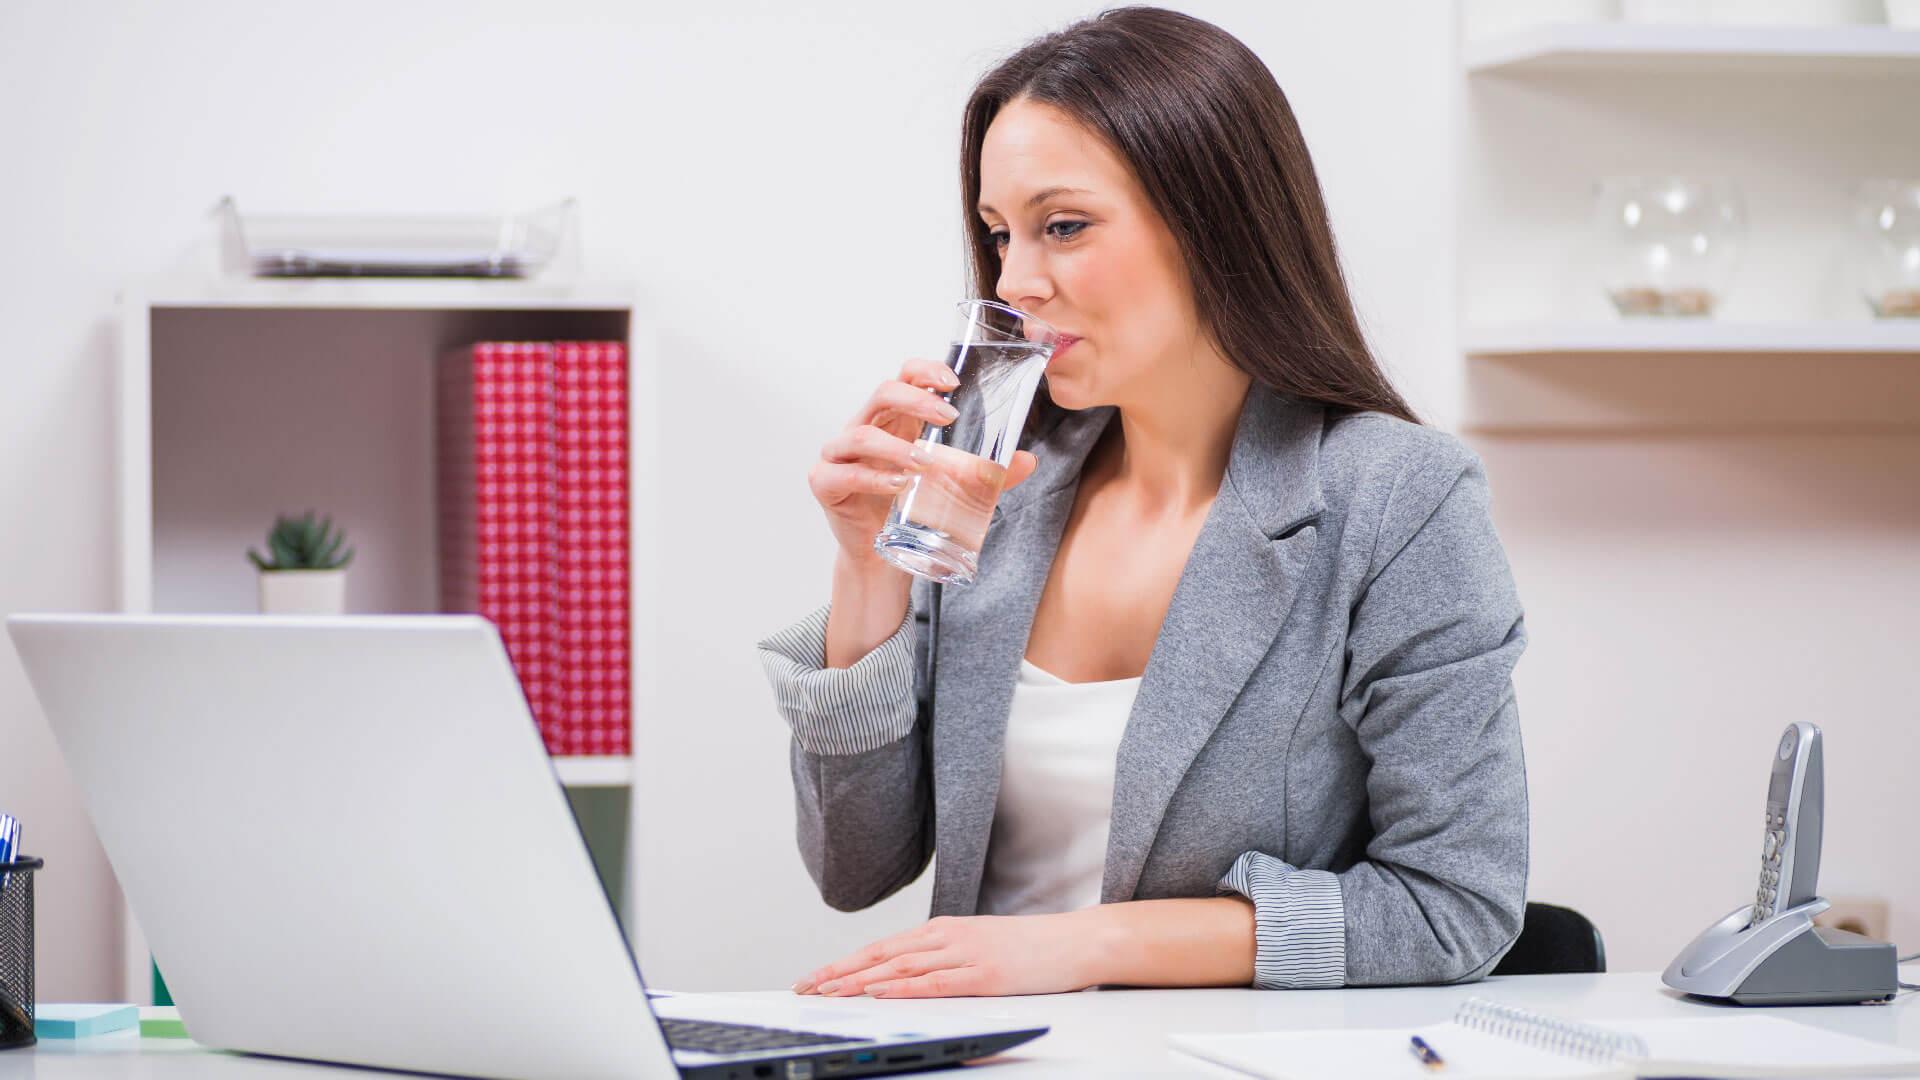 Bere al lavoro mantiene alta la concentrazione